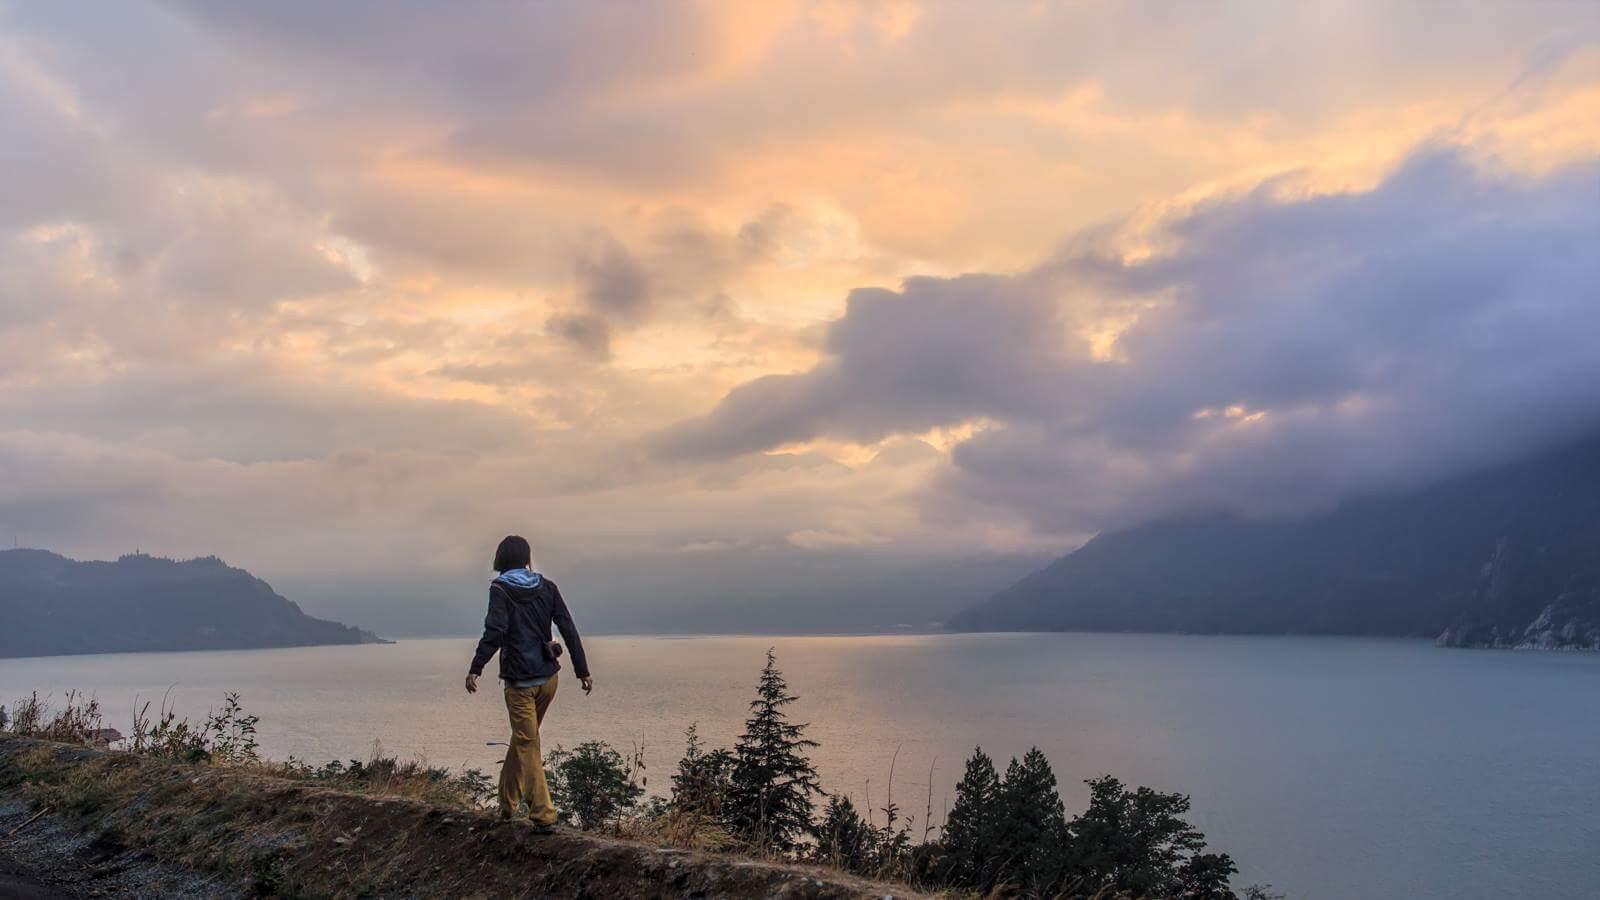 Squamish sunset in September